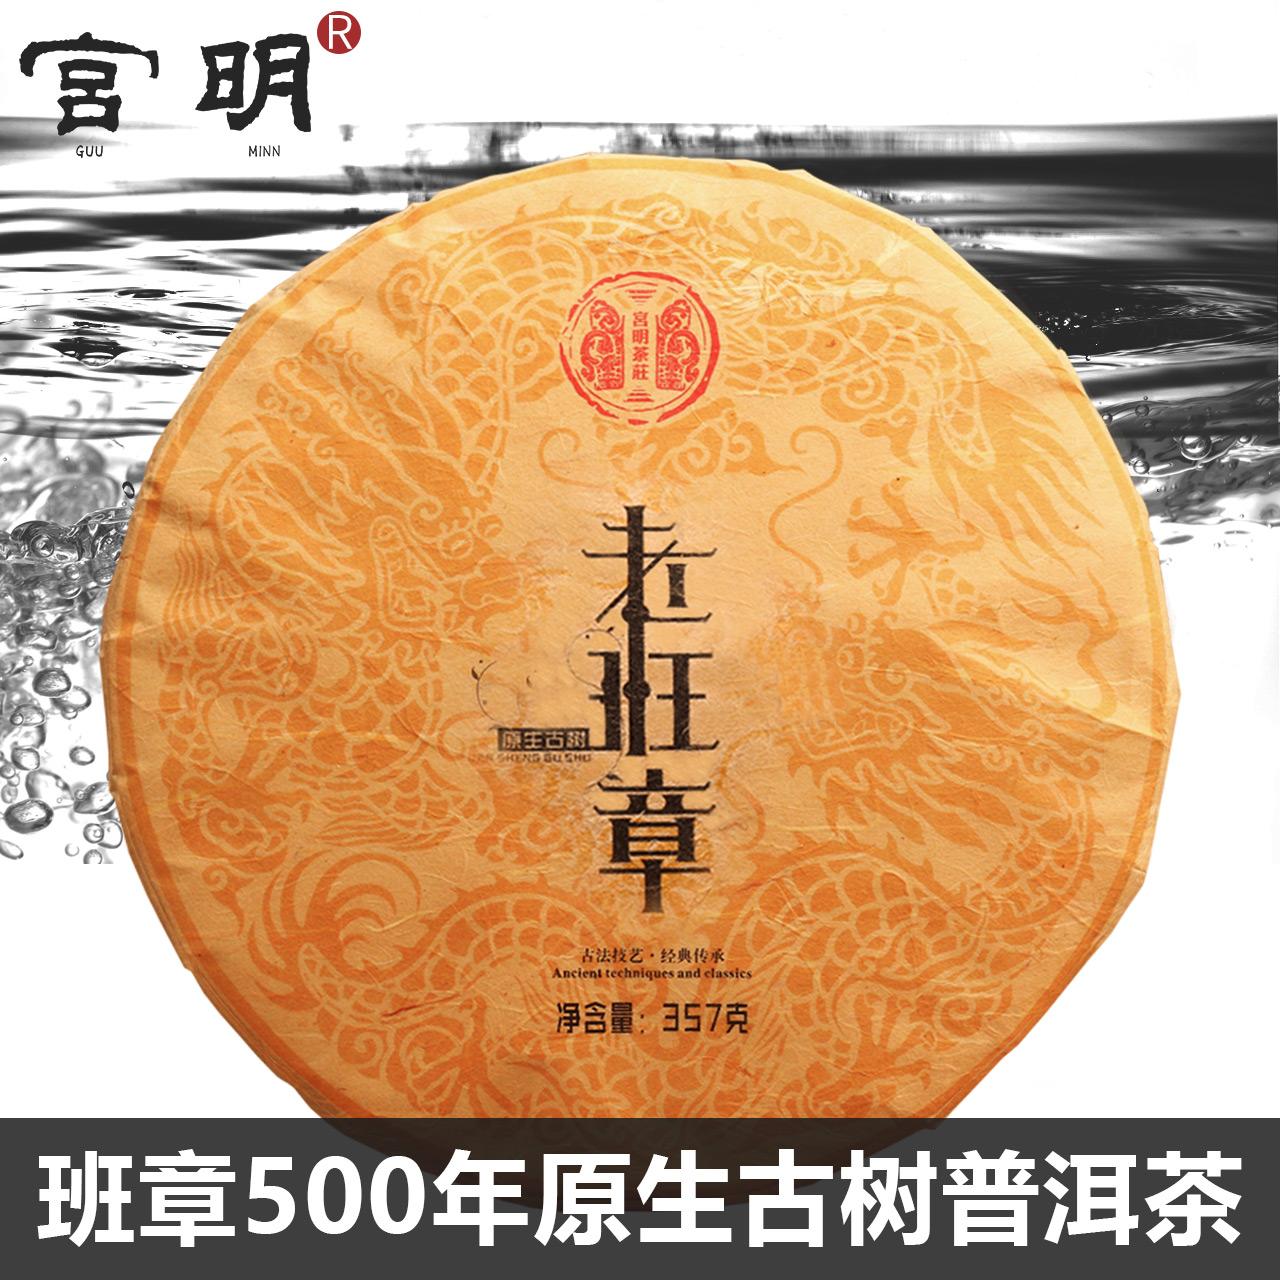 宫明茶叶 云南普洱茶熟茶 2013年老班章原生500年古树茶饼357克